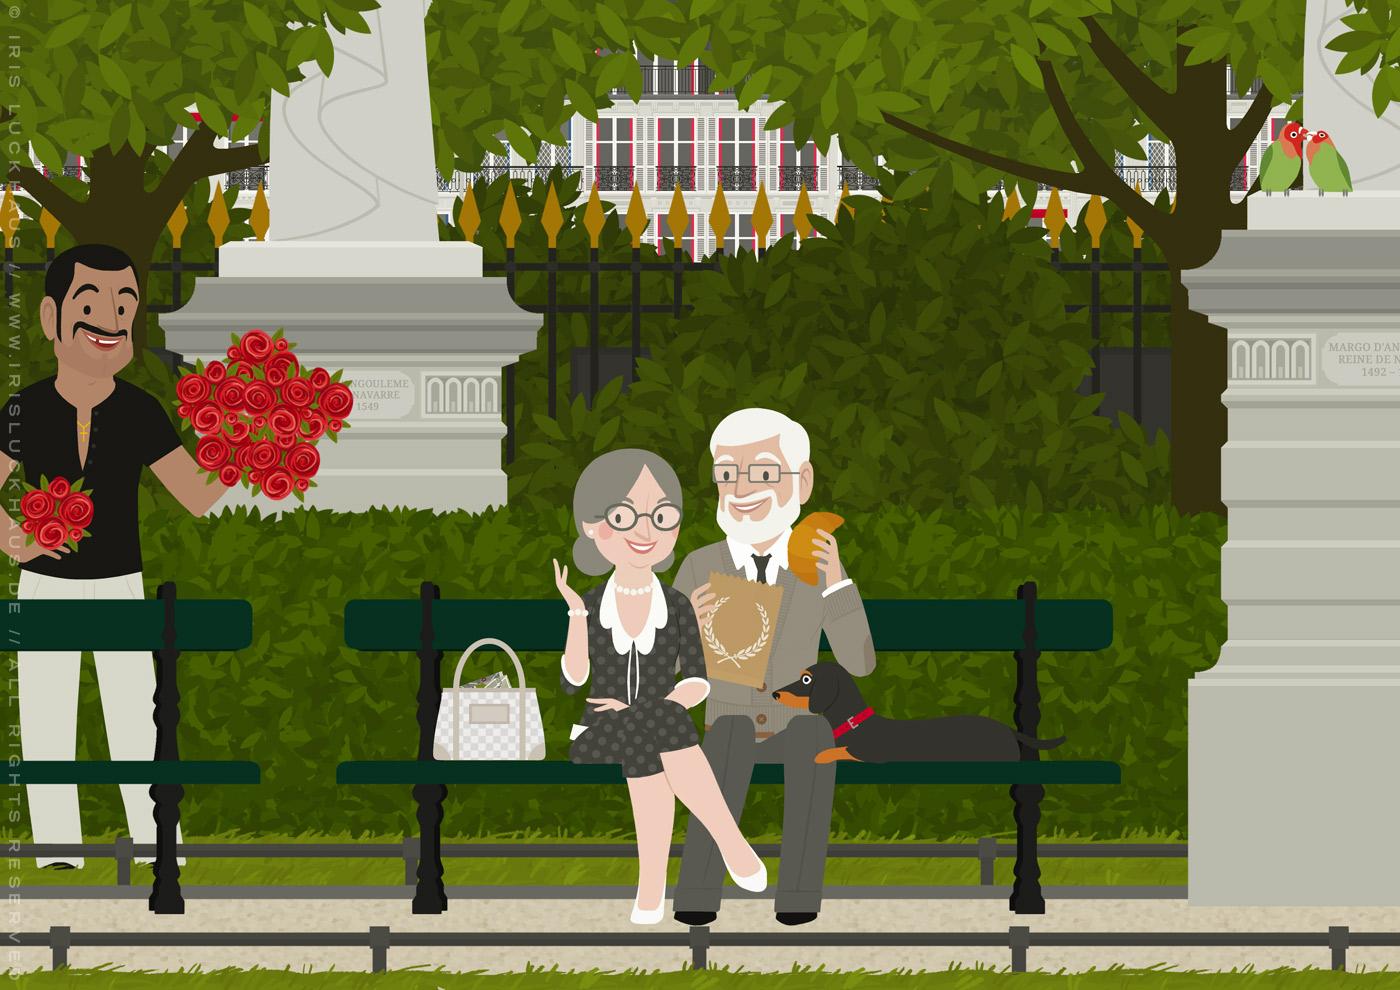 Zeichnung eines alten Pärchens mit Dackel, das bei einem Spaziergang durch Paris auf einer Bank im Jardin du Luxembourg Croissants isst und dabei einem Rosenverkäufer begegnet